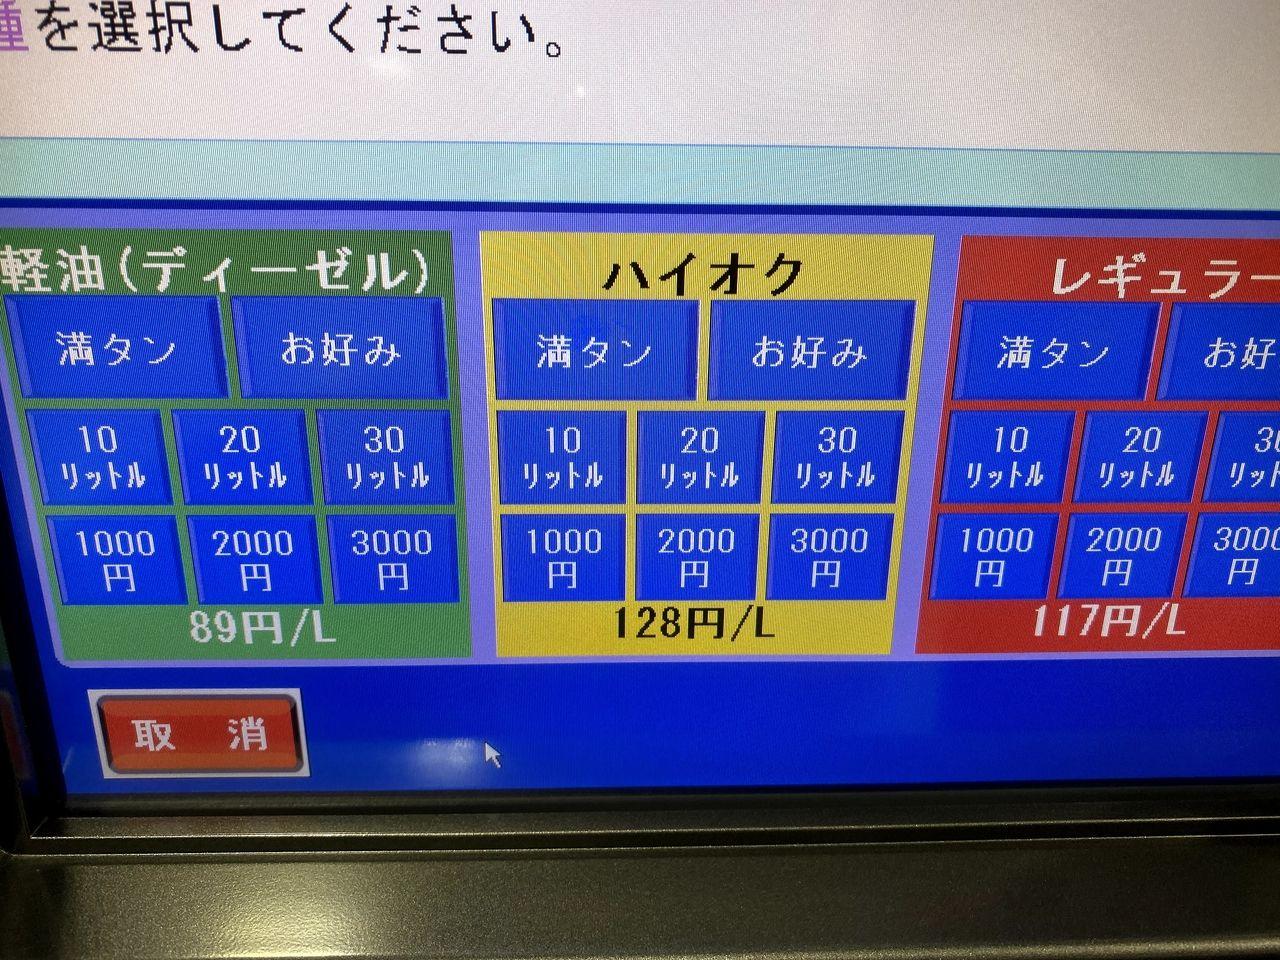 新三郷コストコのガスステーション。ガソリン価格情報(2020.8.17)